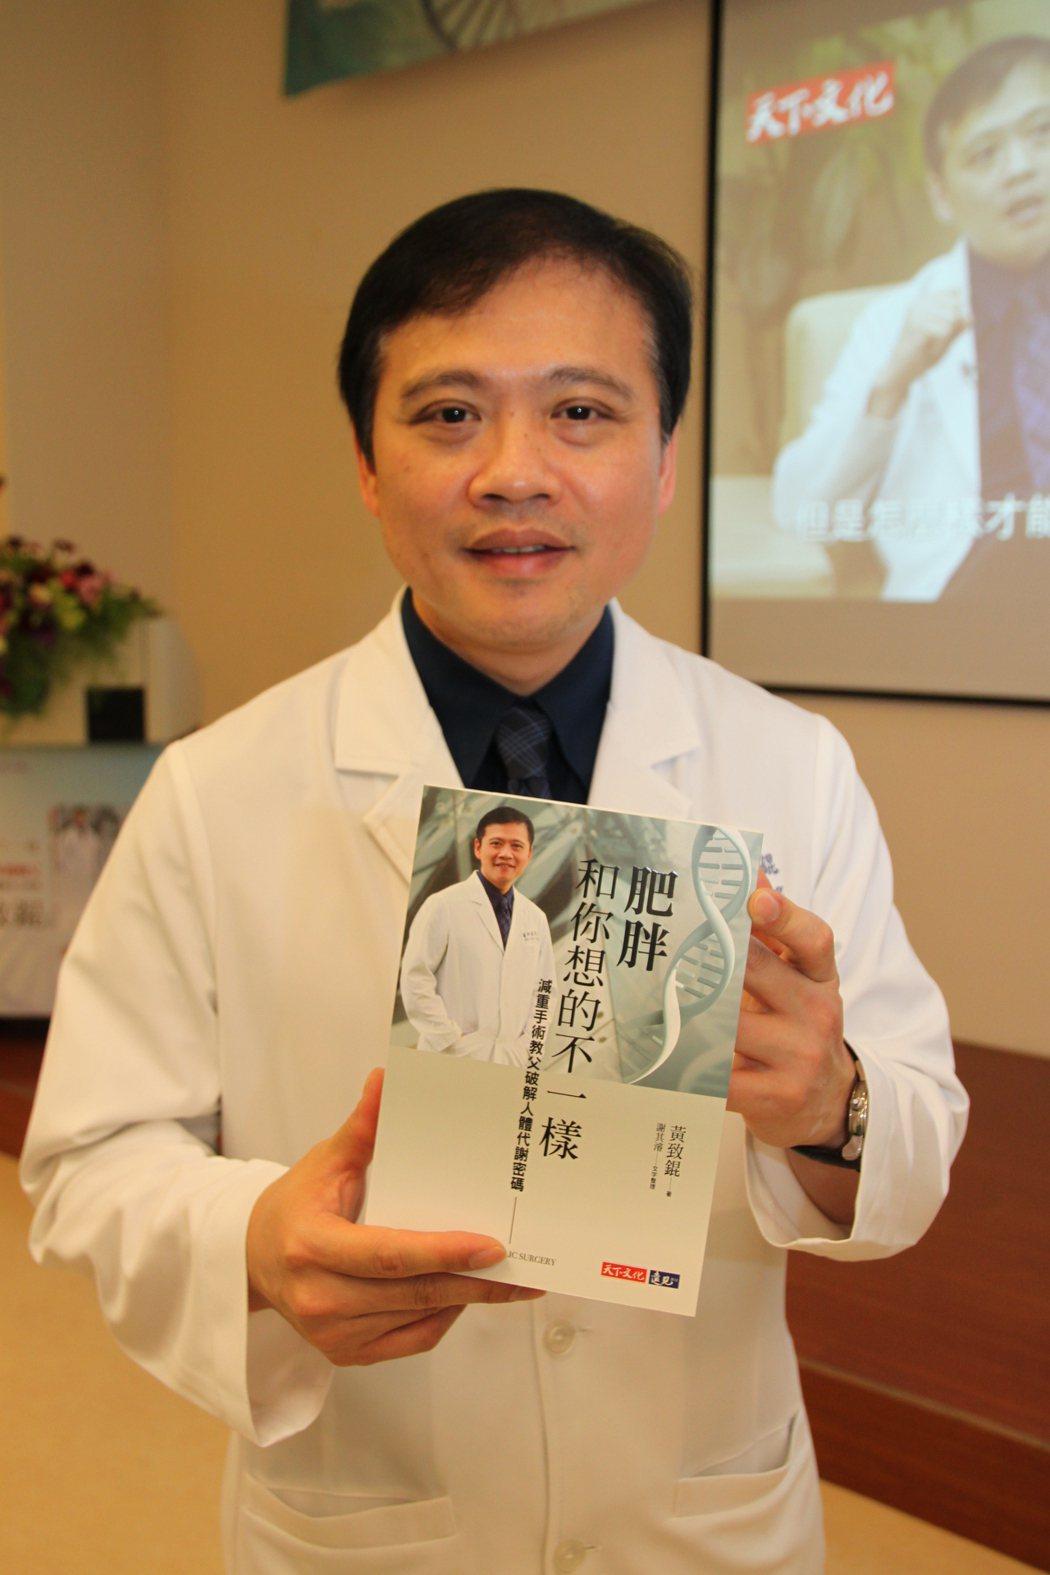 中國醫藥大學附屬醫院國際代謝形體醫學中心院長黃致錕說,肥胖是一種疾病,有肥胖情形...